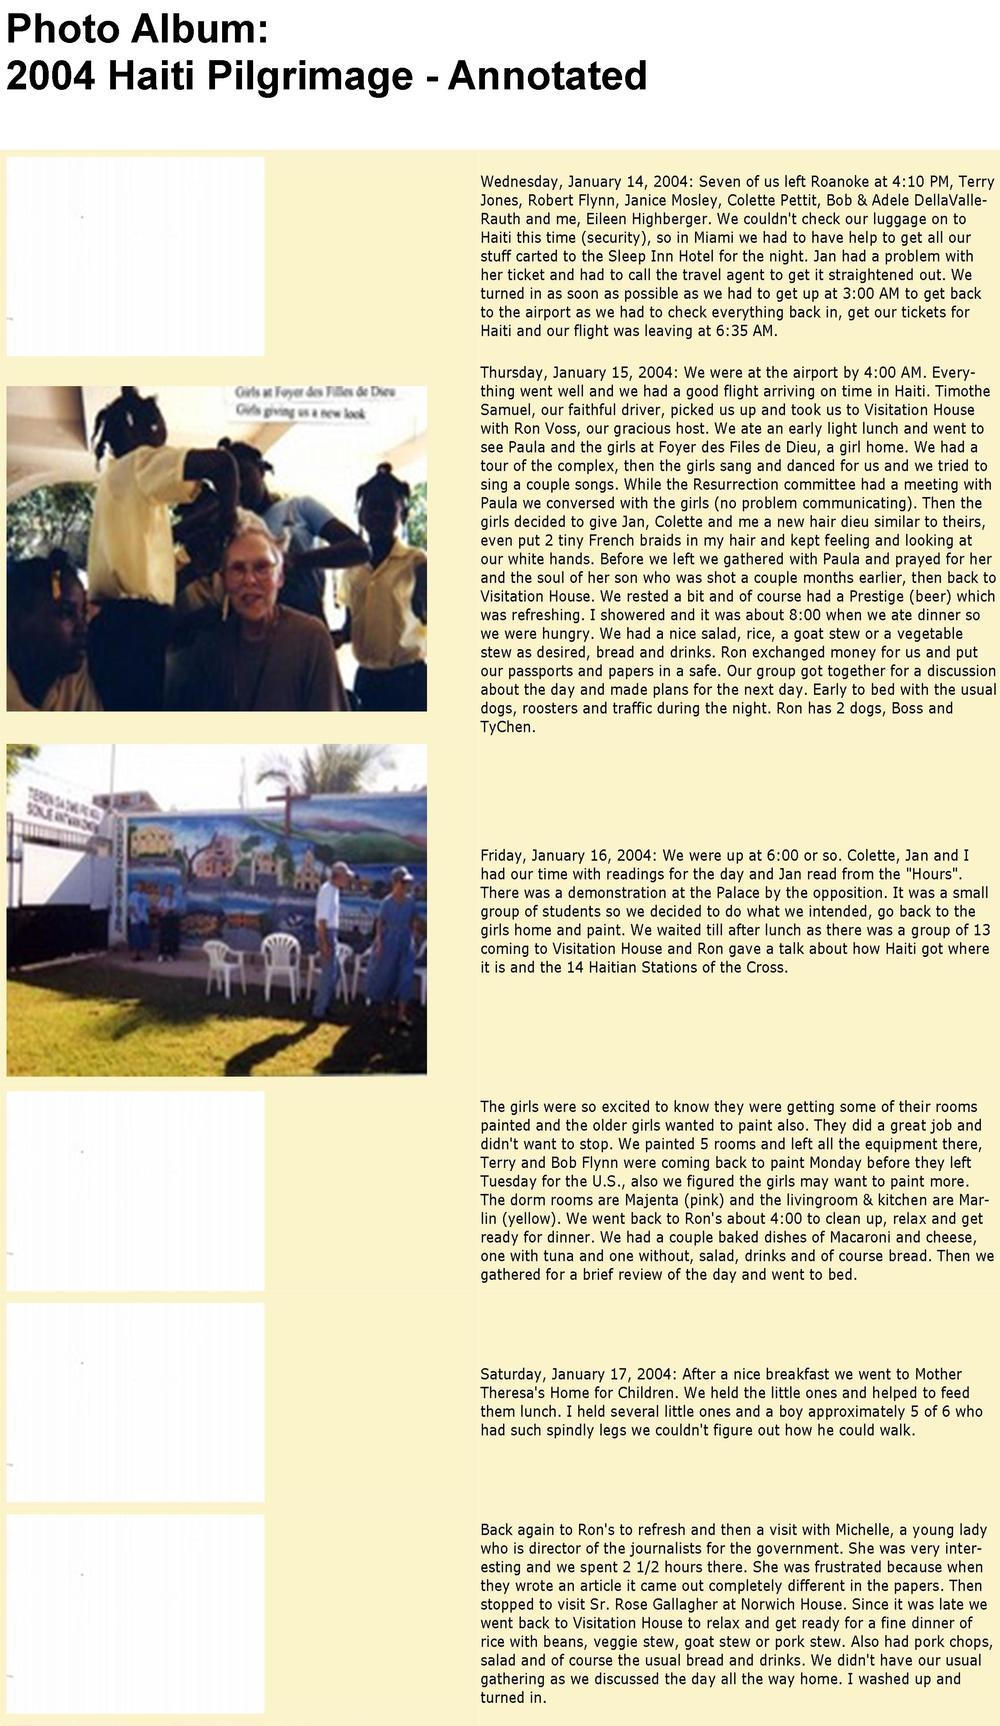 2004 Annotated Photo AlbumP1.jpg